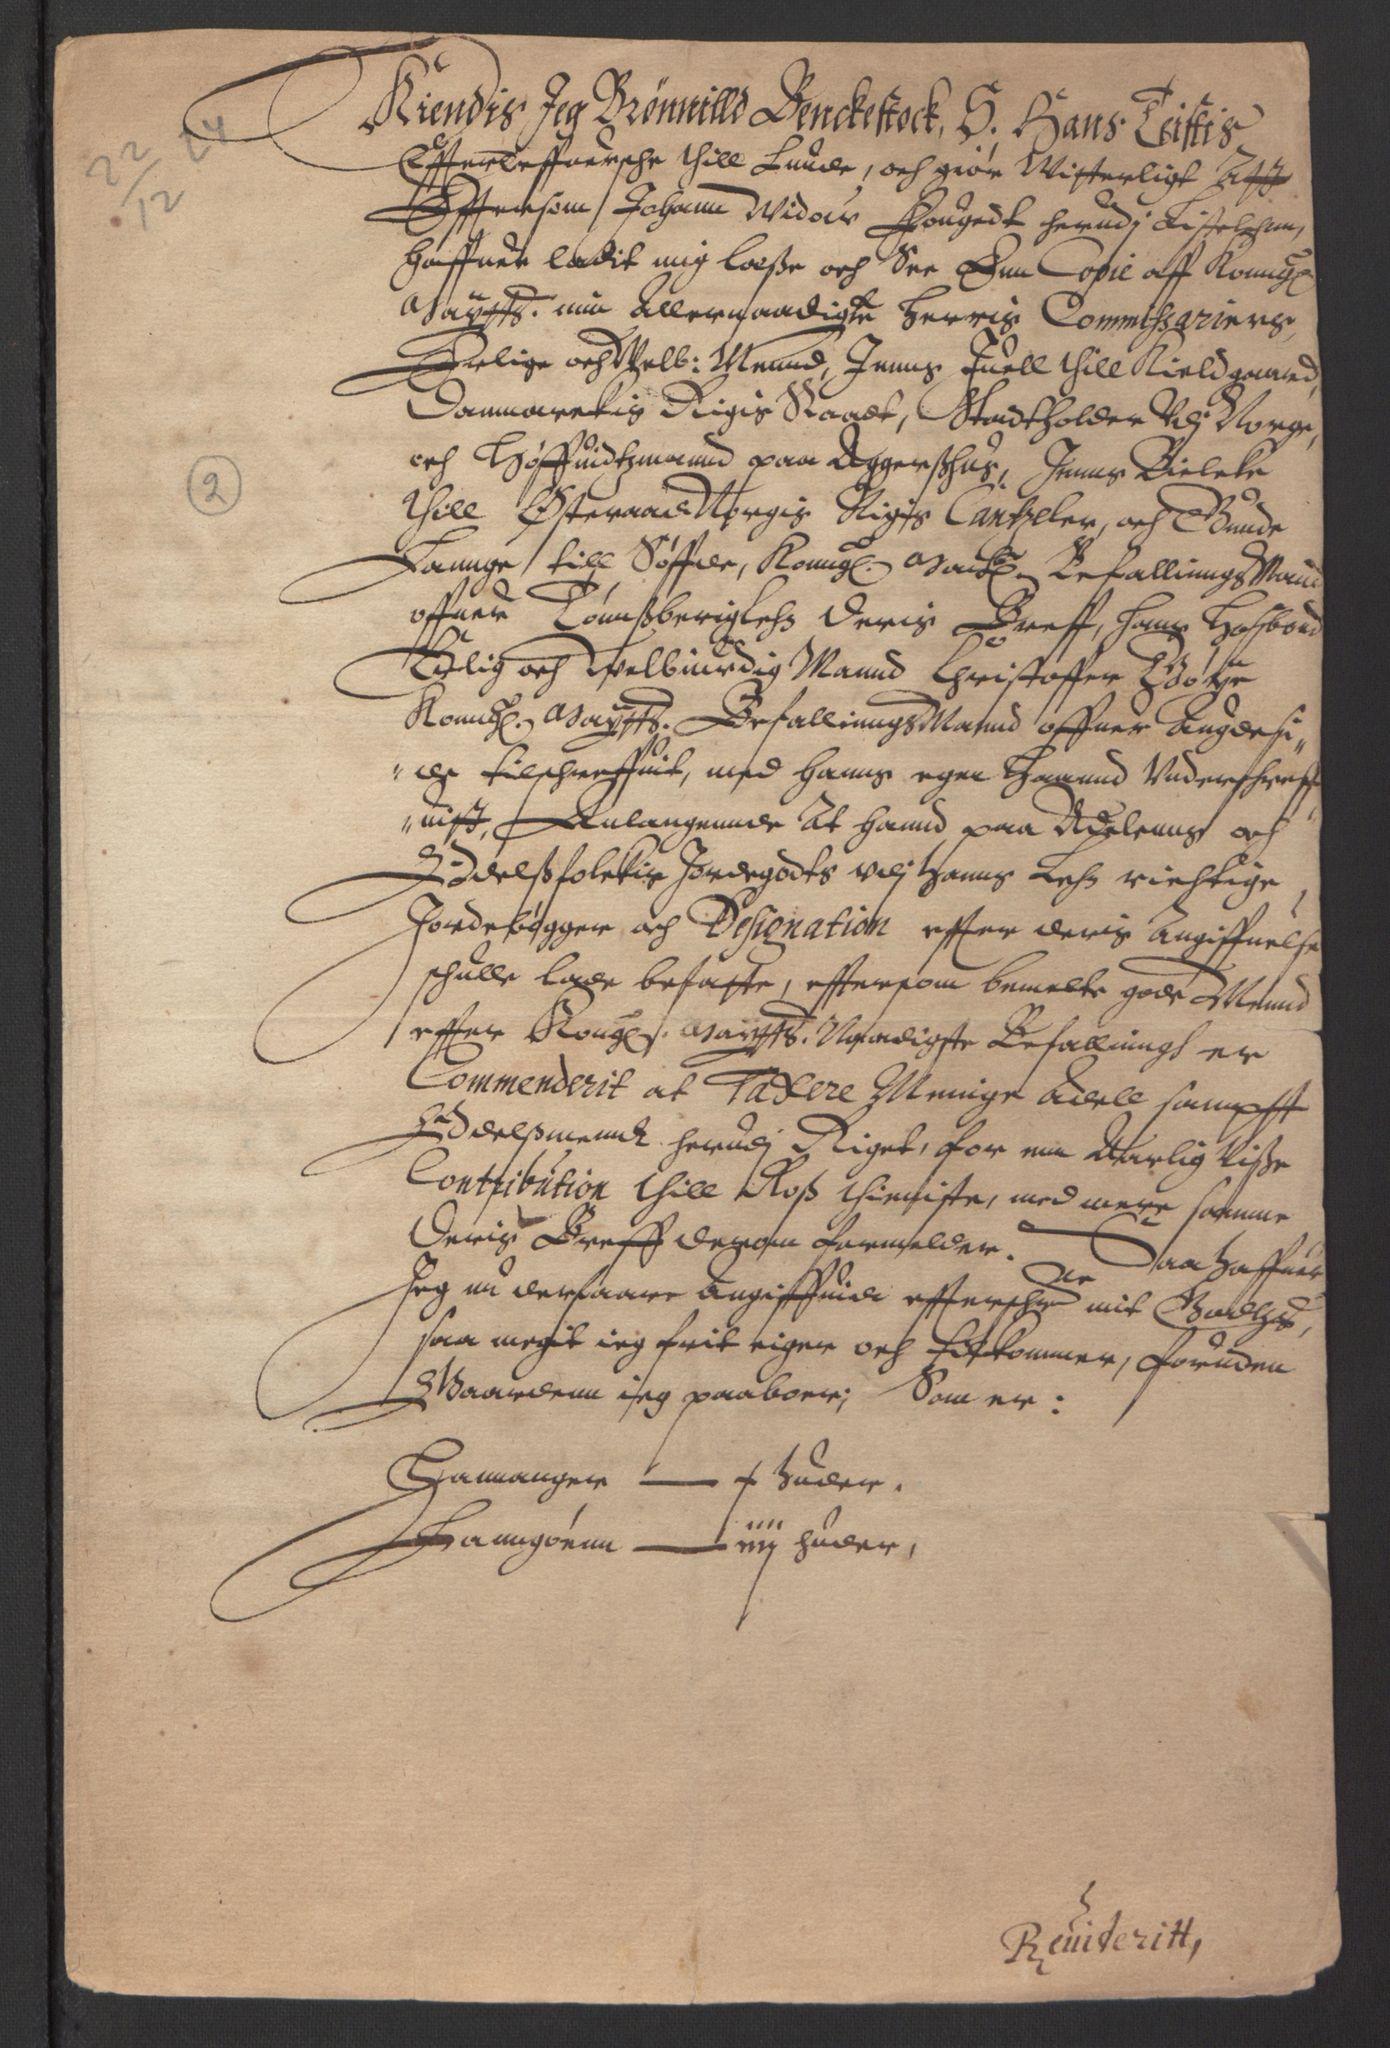 RA, Stattholderembetet 1572-1771, Ek/L0007: Jordebøker til utlikning av rosstjeneste 1624-1626:, 1624-1625, s. 319